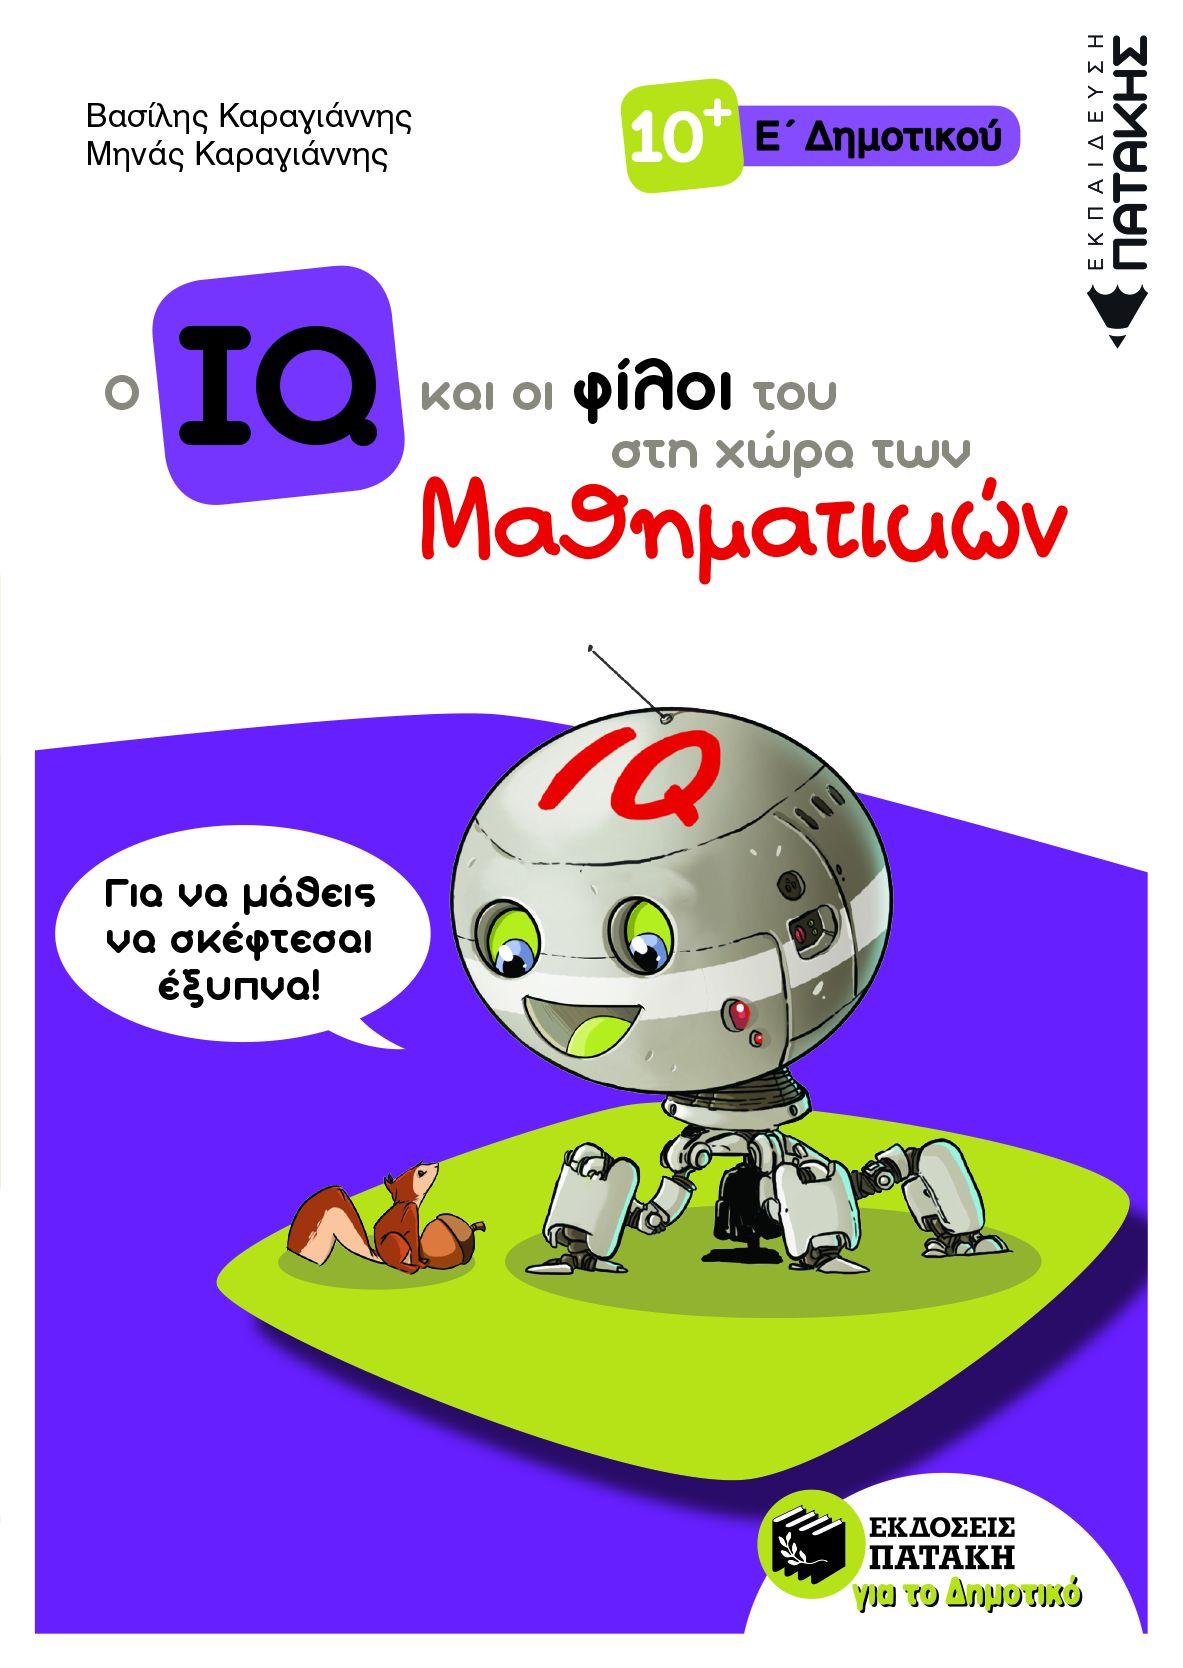 Ο IQ και οι φίλοι του στη χώρα των μαθηματικών Ε΄ Δημοτικού